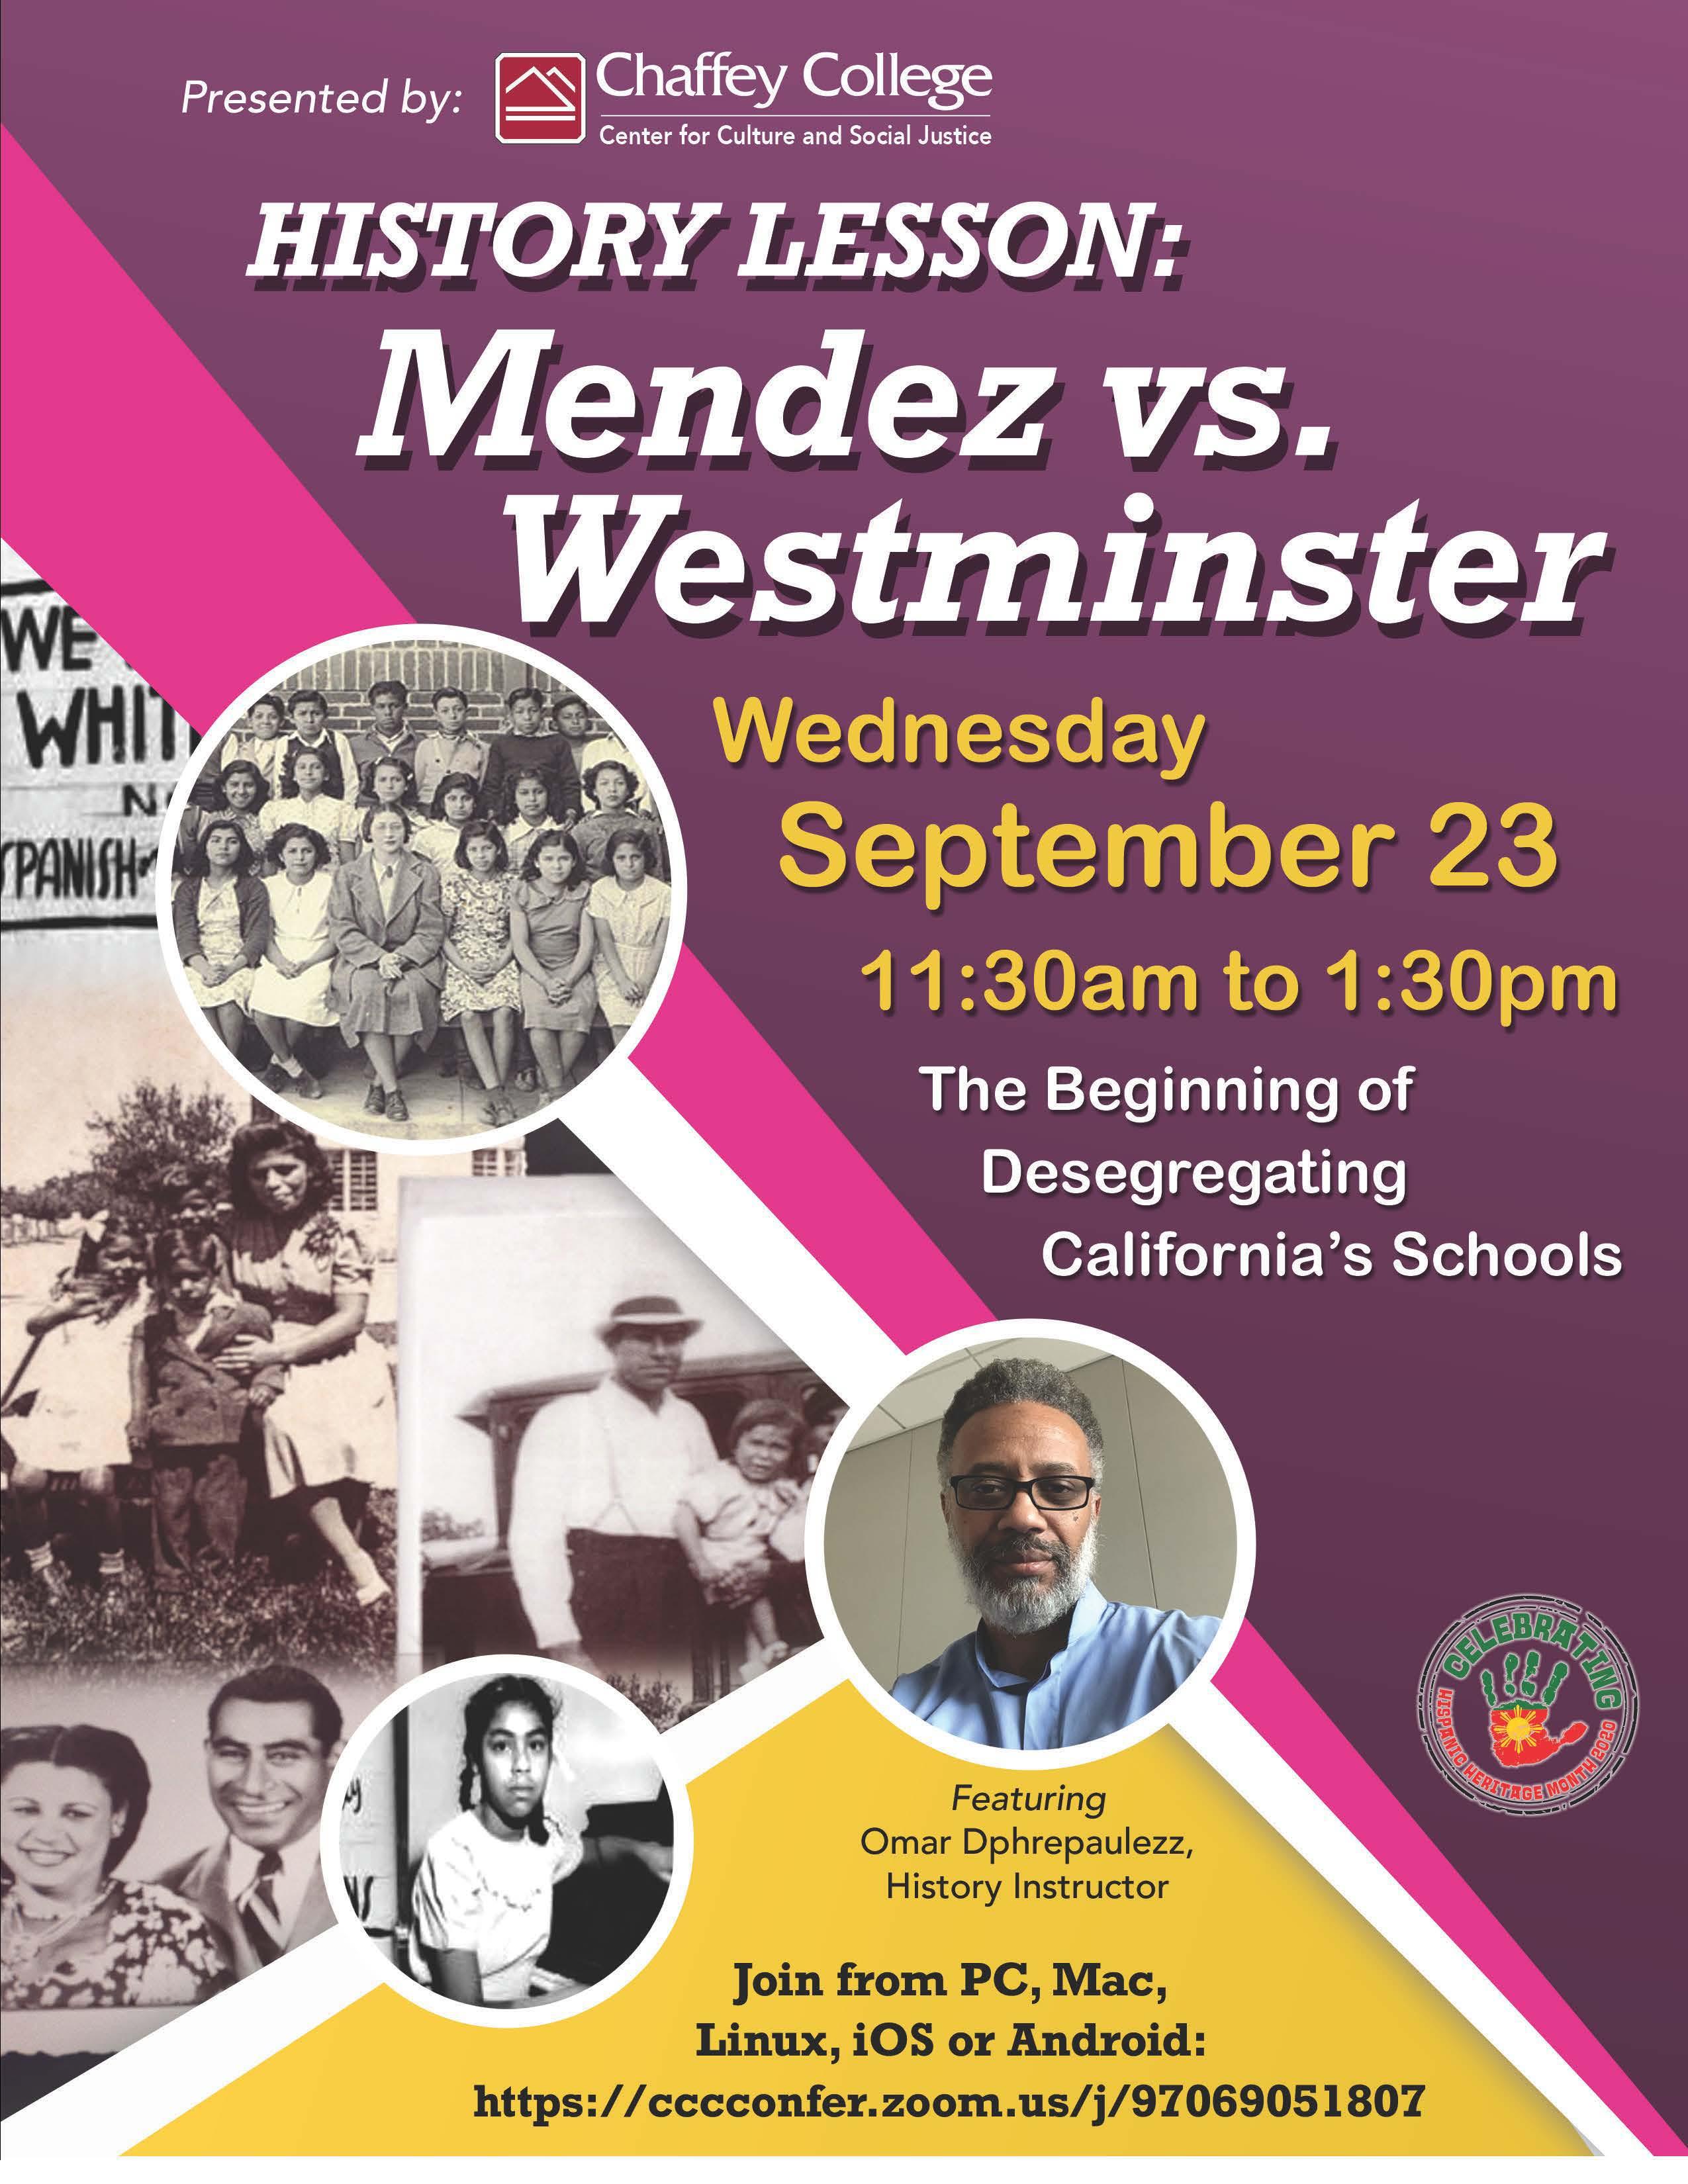 History Lesson: Mendez vs. Westminster